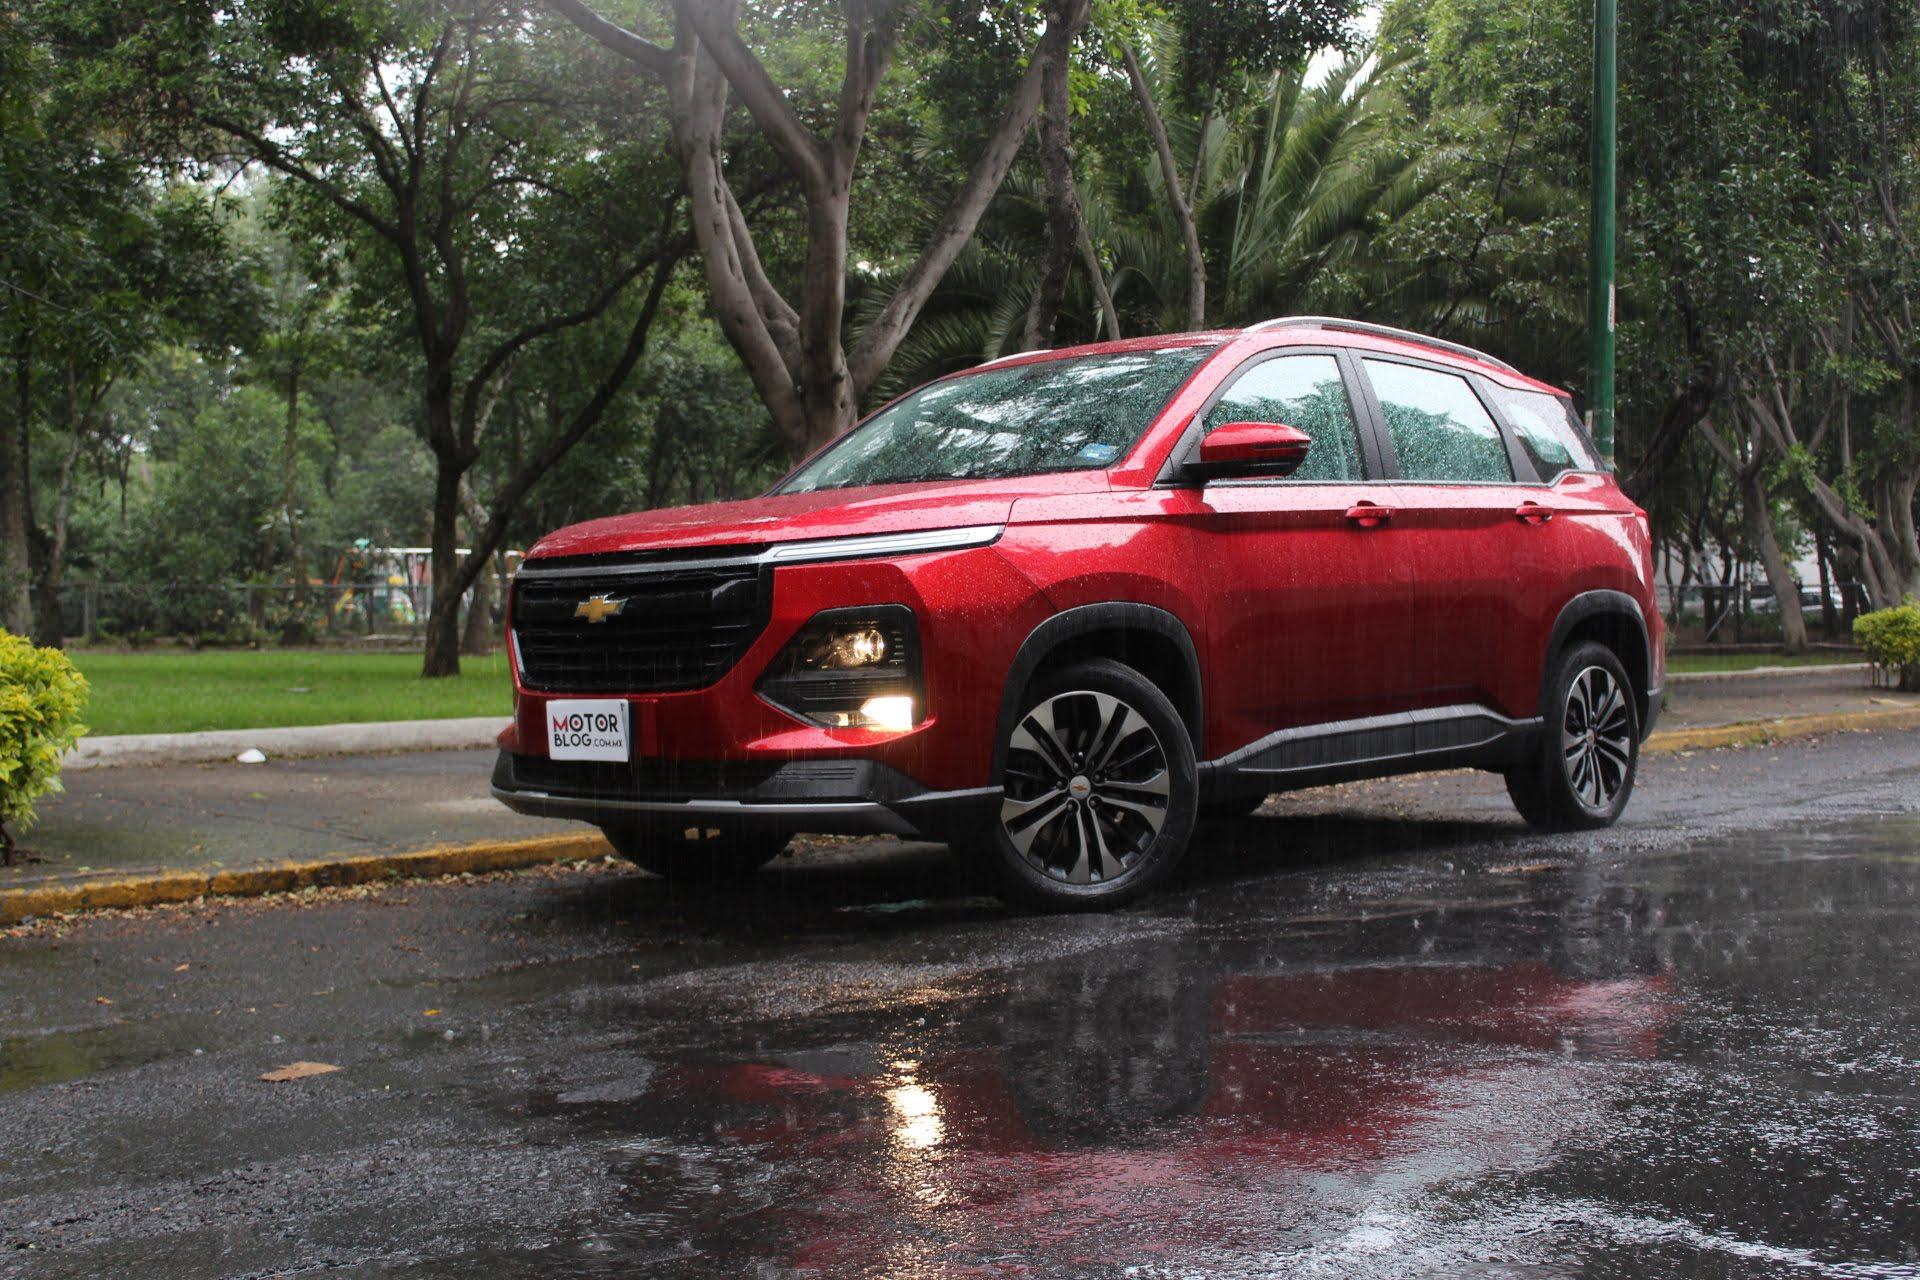 Chevrolet Captiva, 5 aspectos clave de este versátil SUV